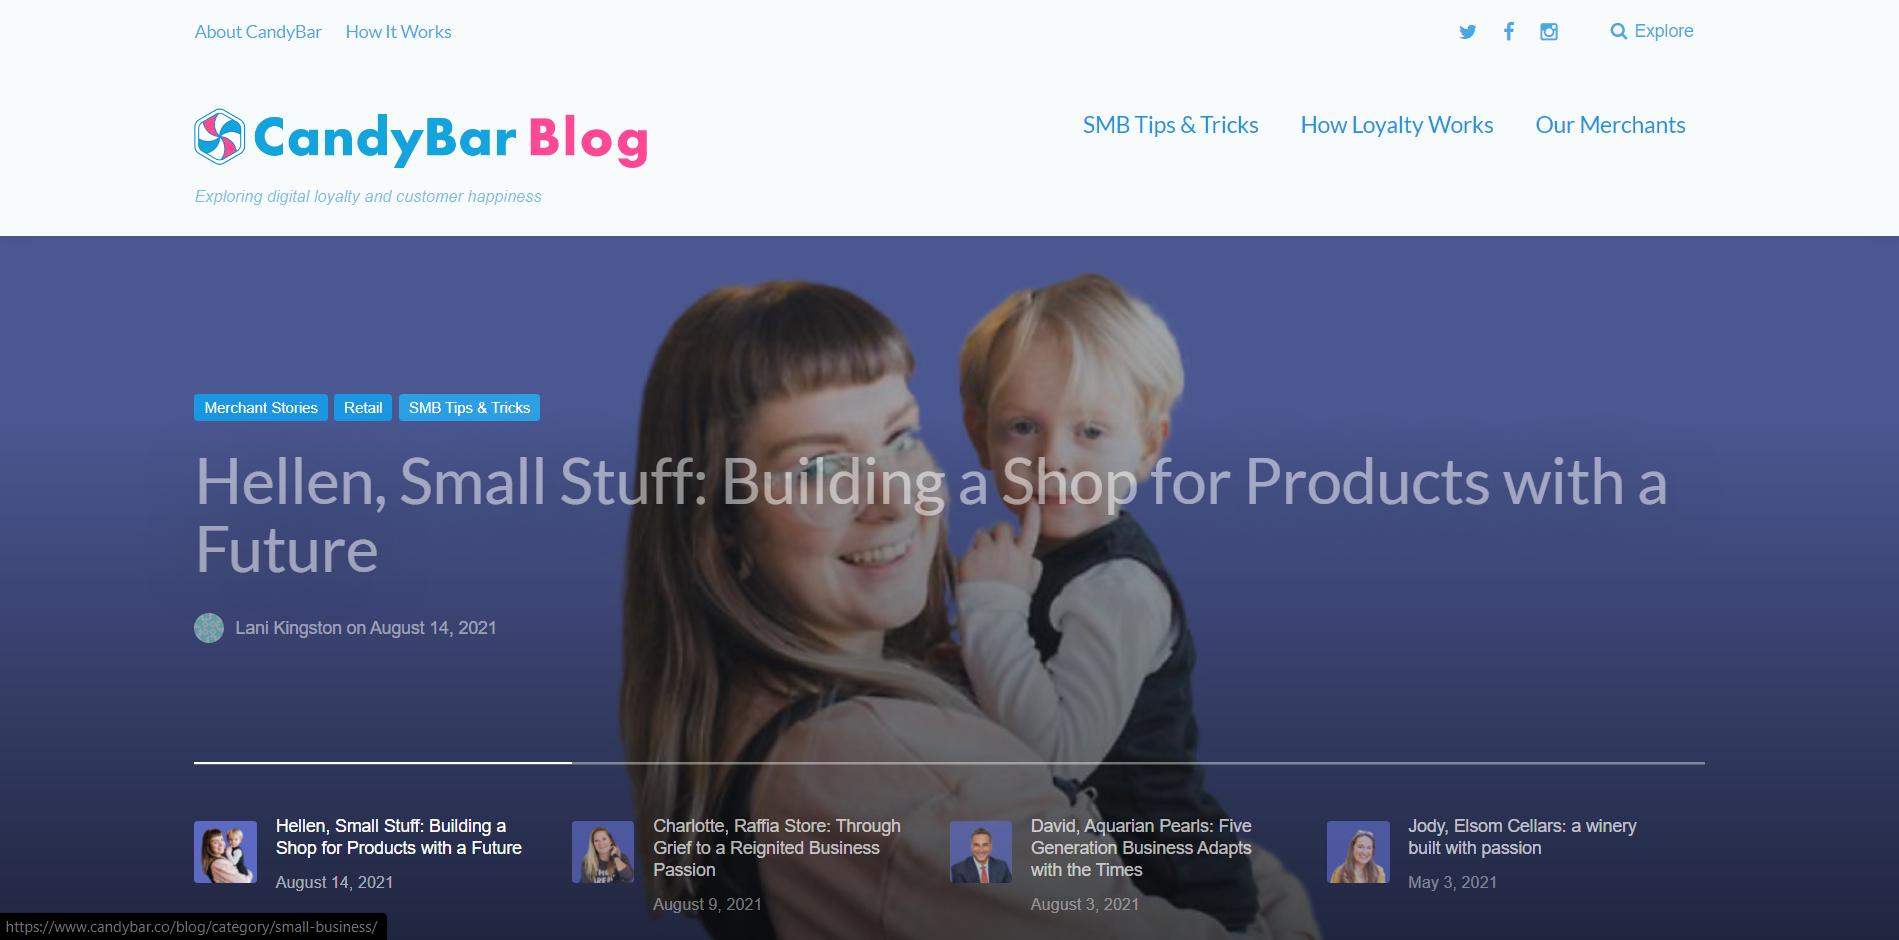 CandyBar Blog